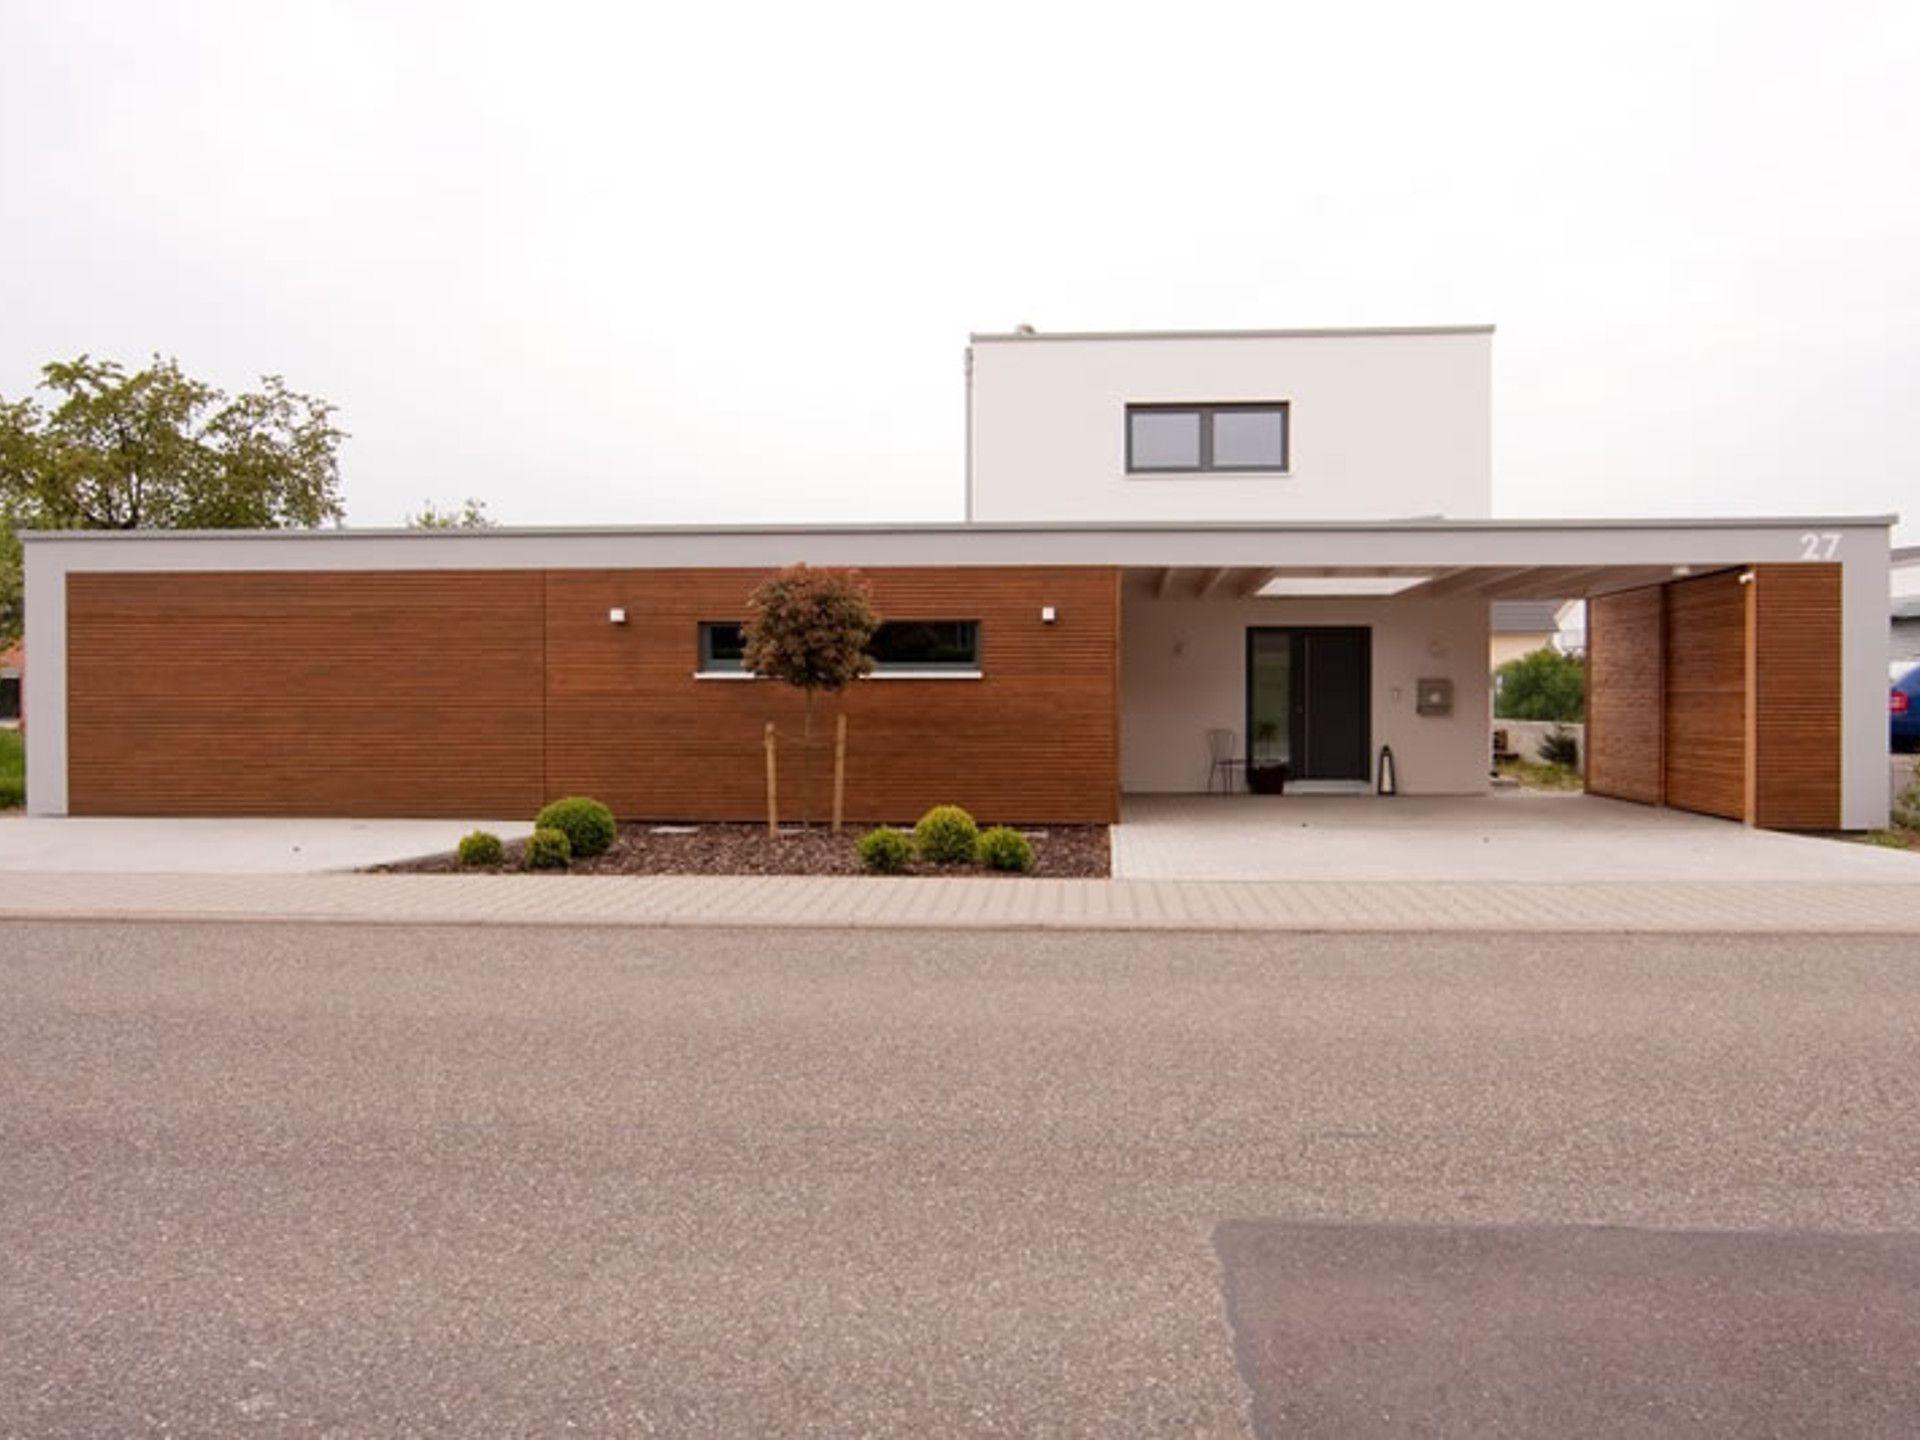 Rosskopf Holzhaus haus neunecker fertighaus holzhaus rosskopf zeitgemäßes